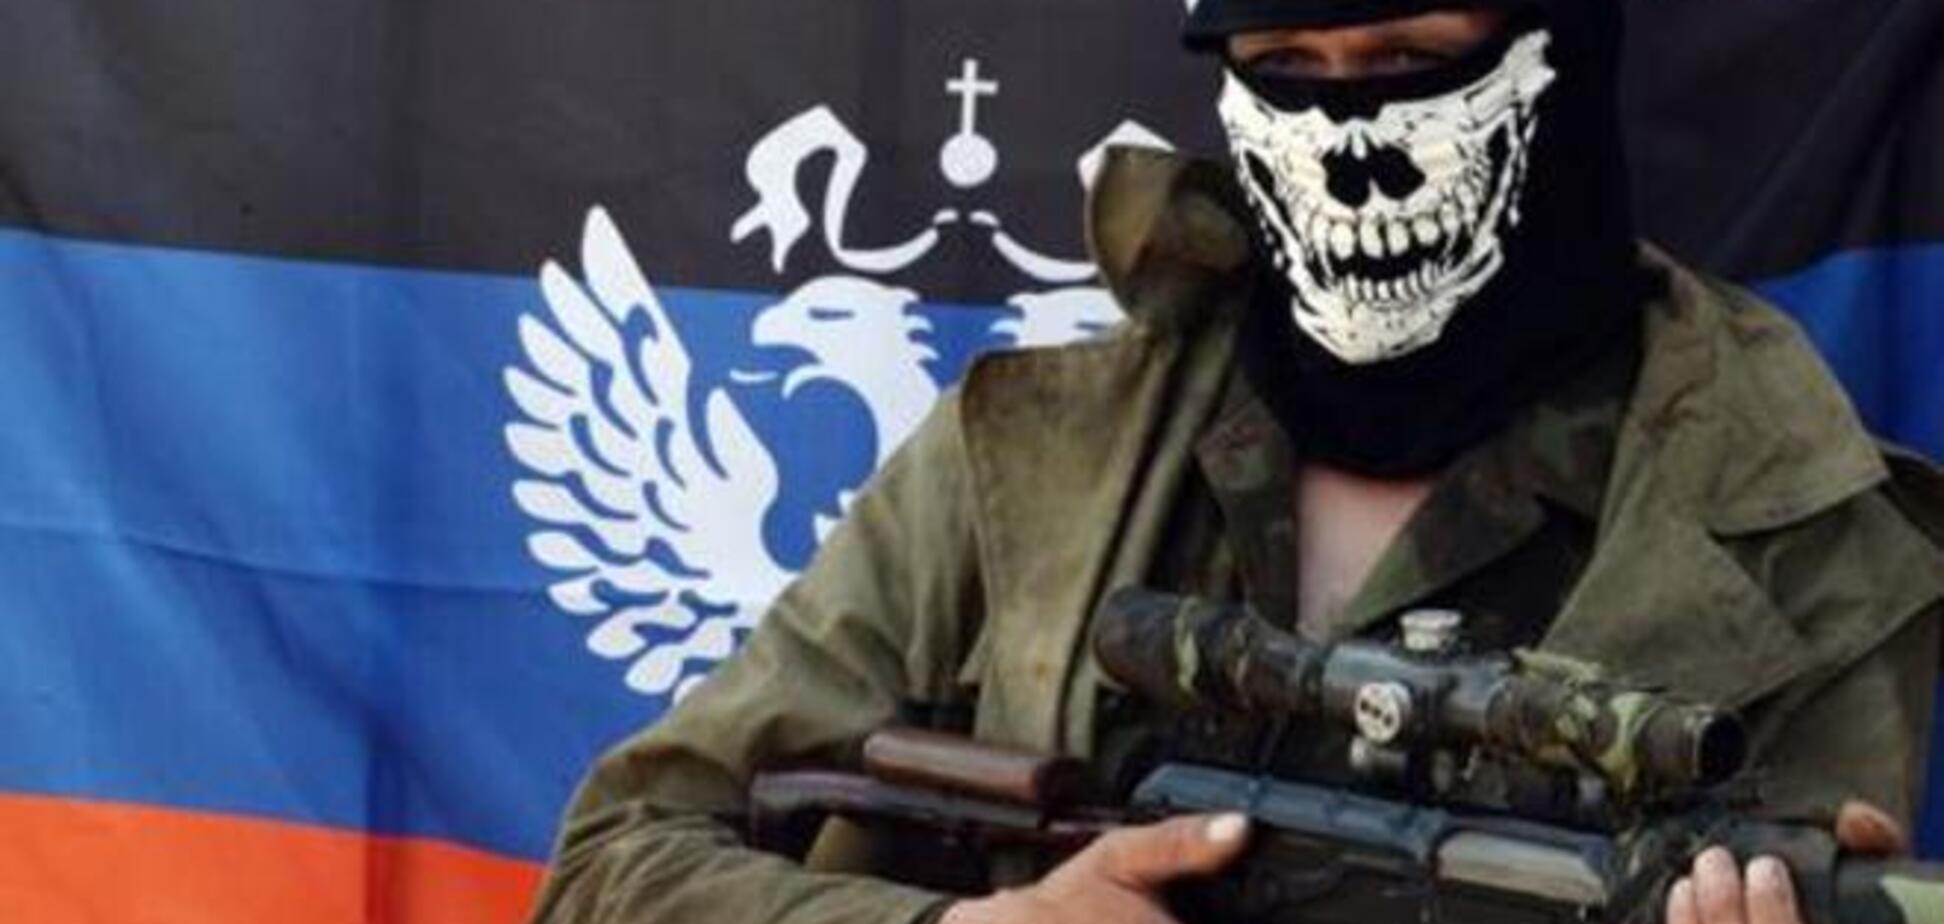 Боевики захватили помещение ДонНУ, но не смогли заставить преподавателей присягнуть на верность 'ДНР'